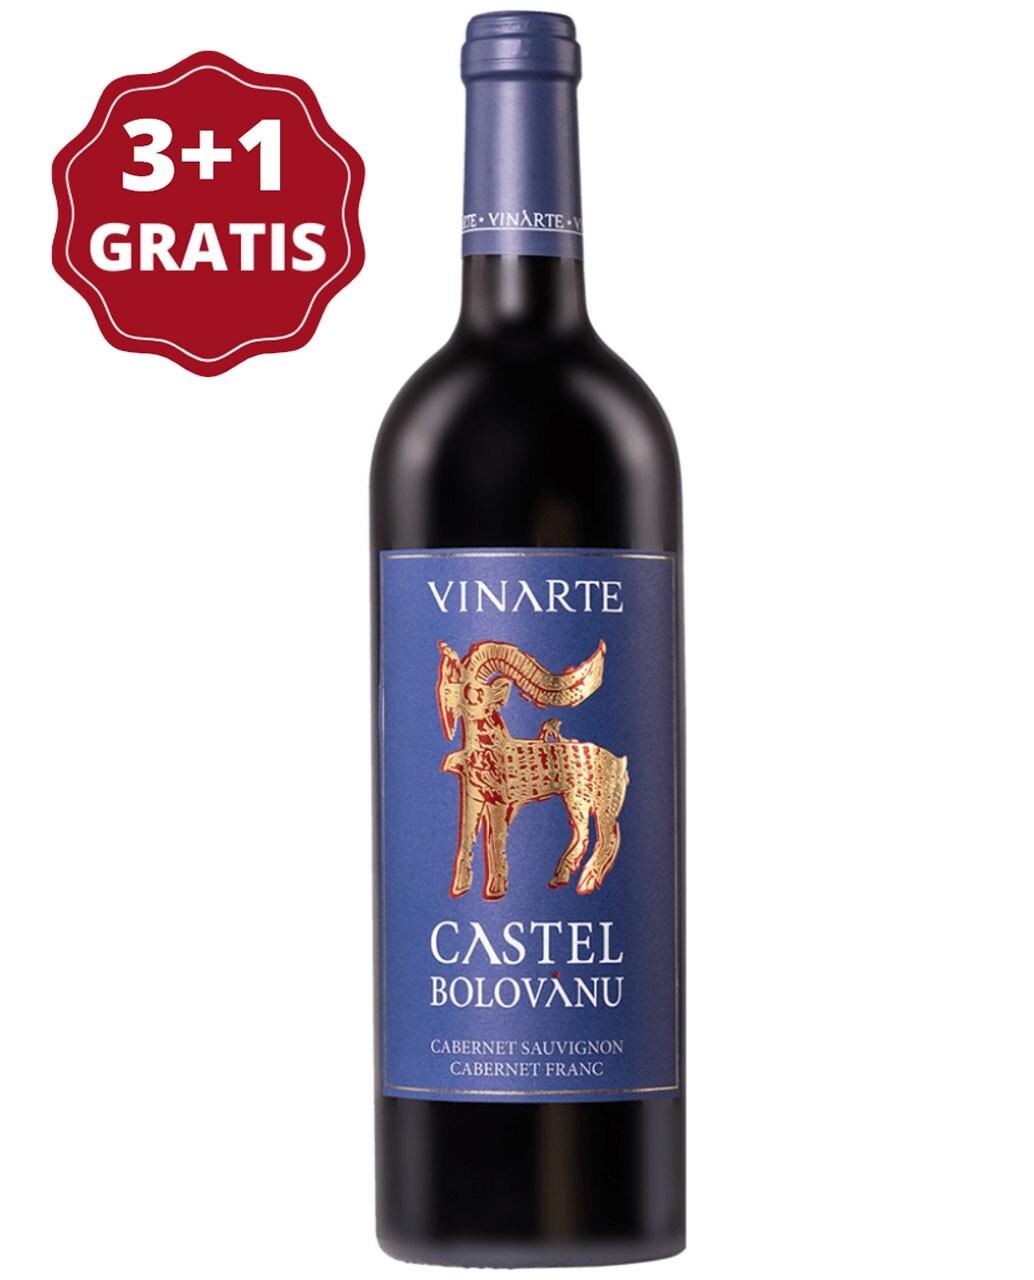 Vinarte Castel Bolovanu Cabernet Sauvignon & Cabernet Franc 3+1